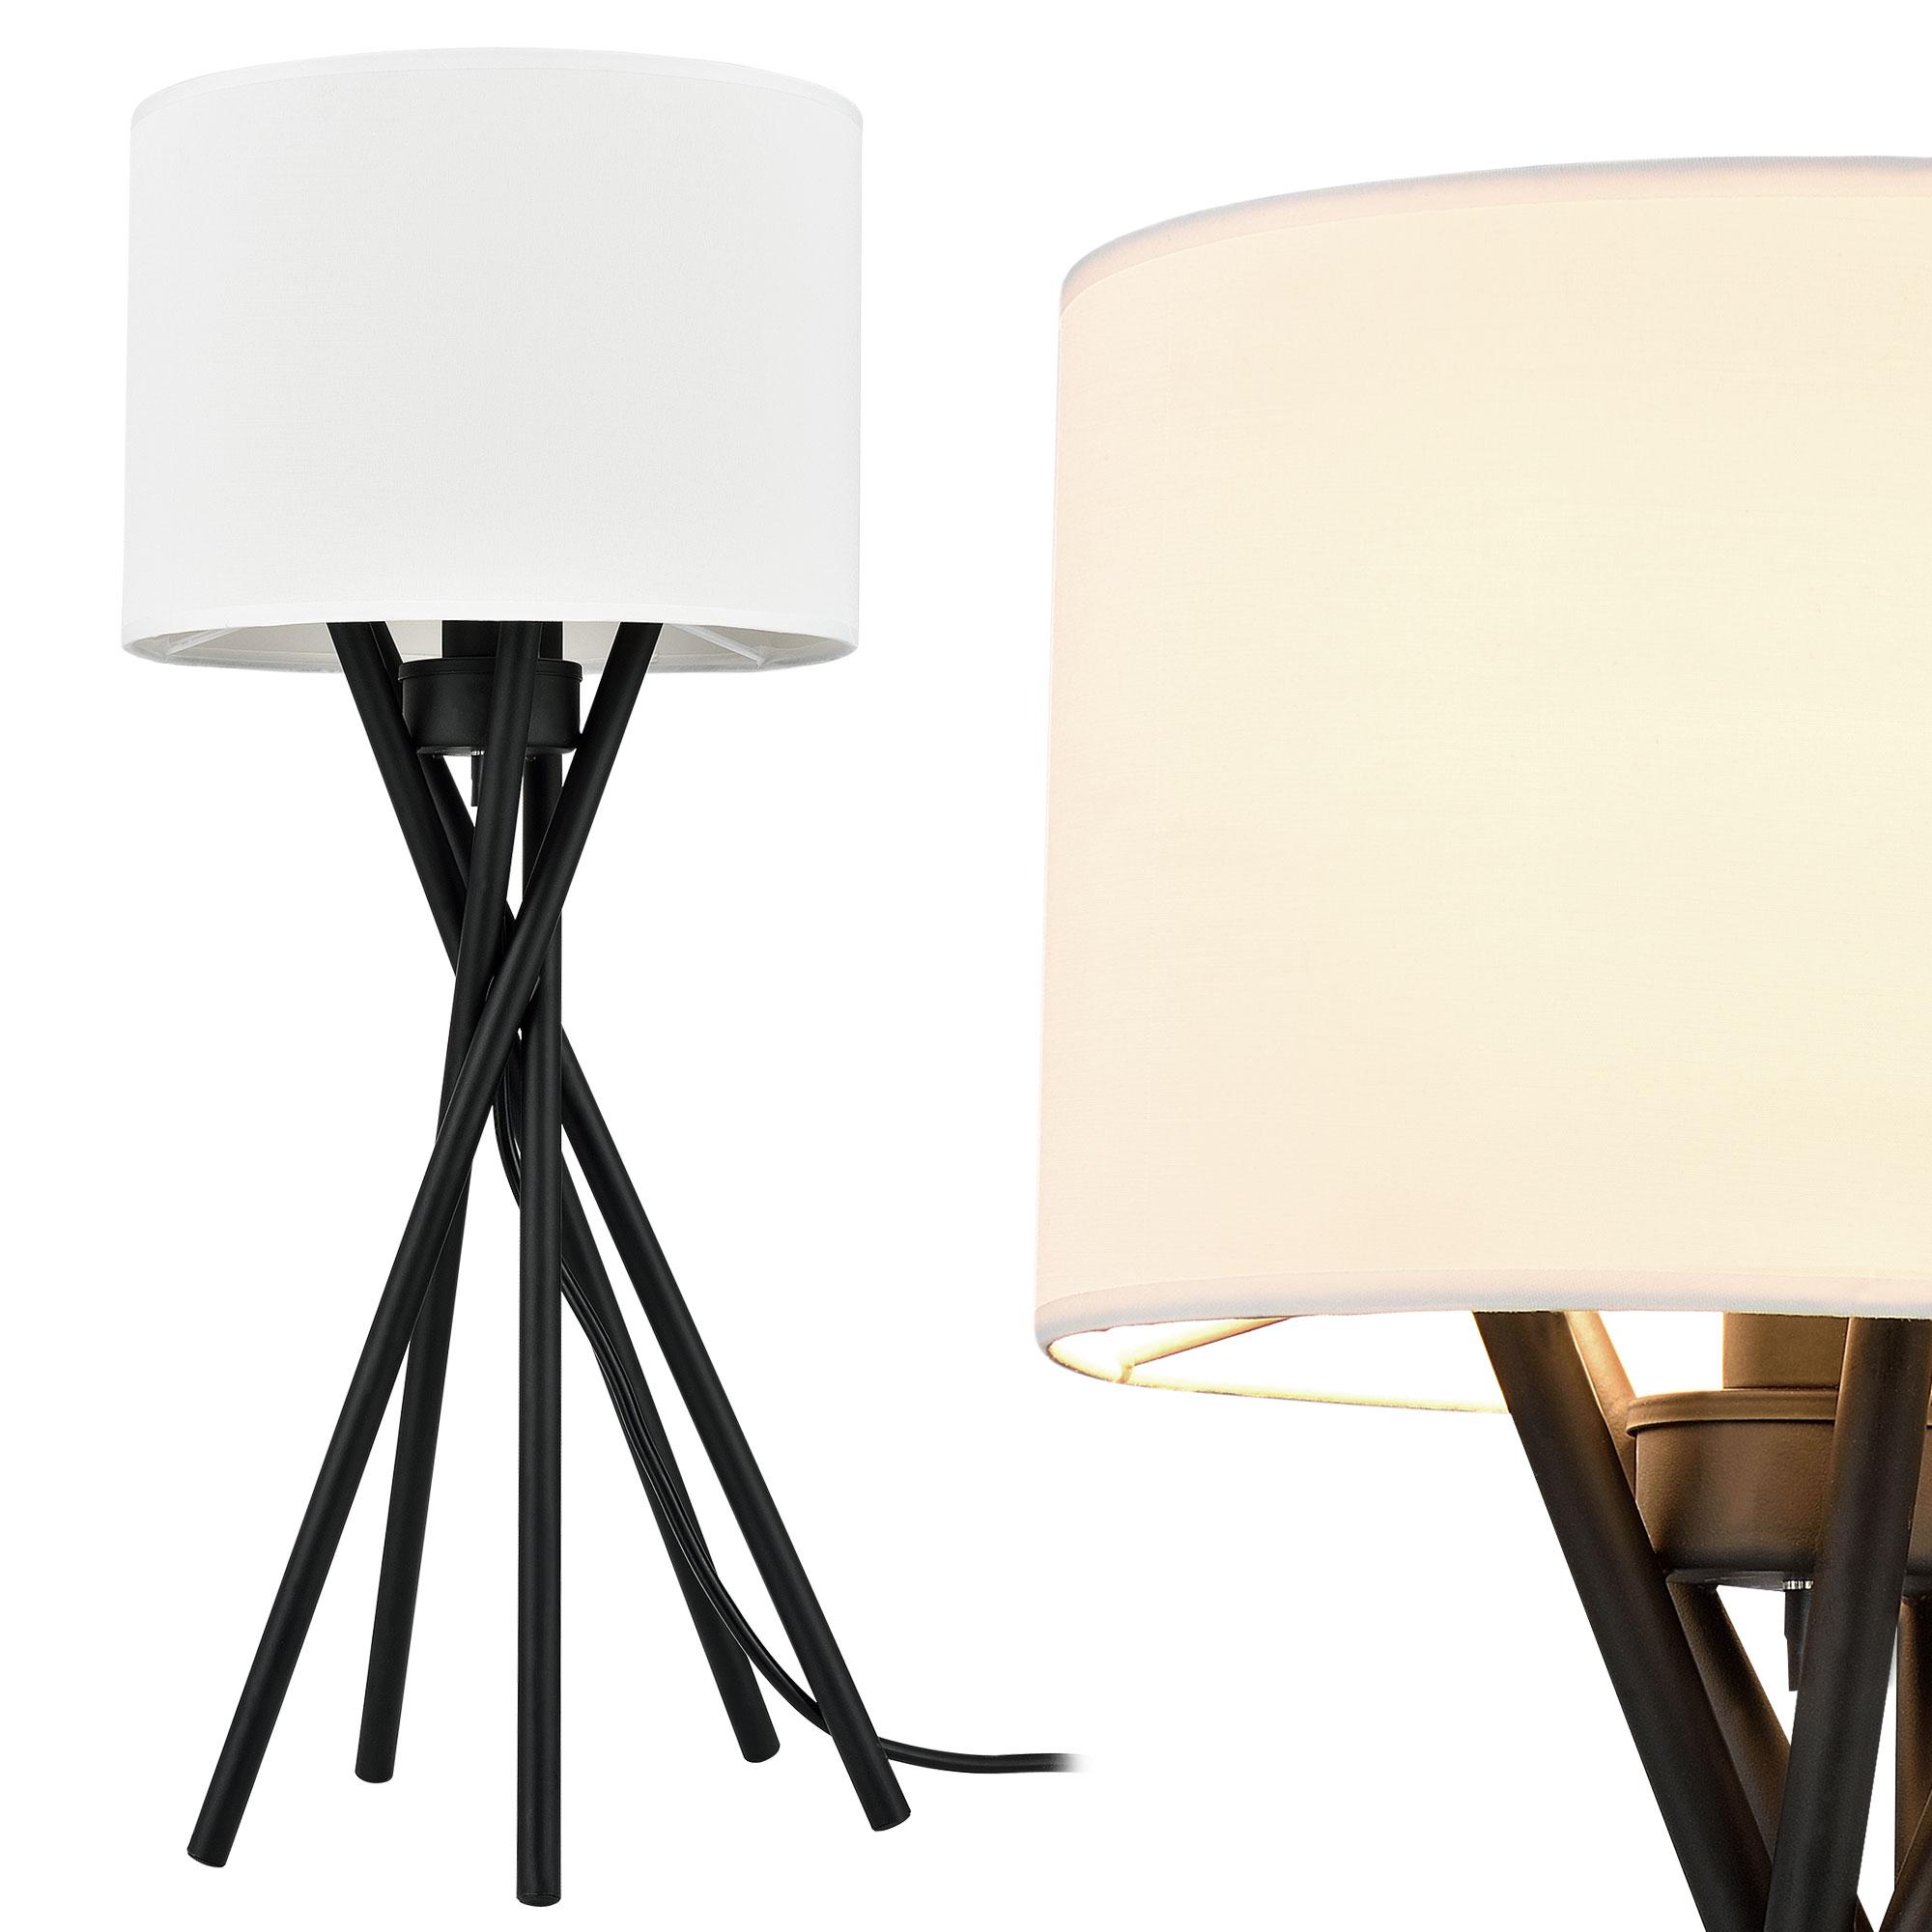 tischleuchte lampe schreibtischlampe schreibtischlampe nachttischlampe. Black Bedroom Furniture Sets. Home Design Ideas